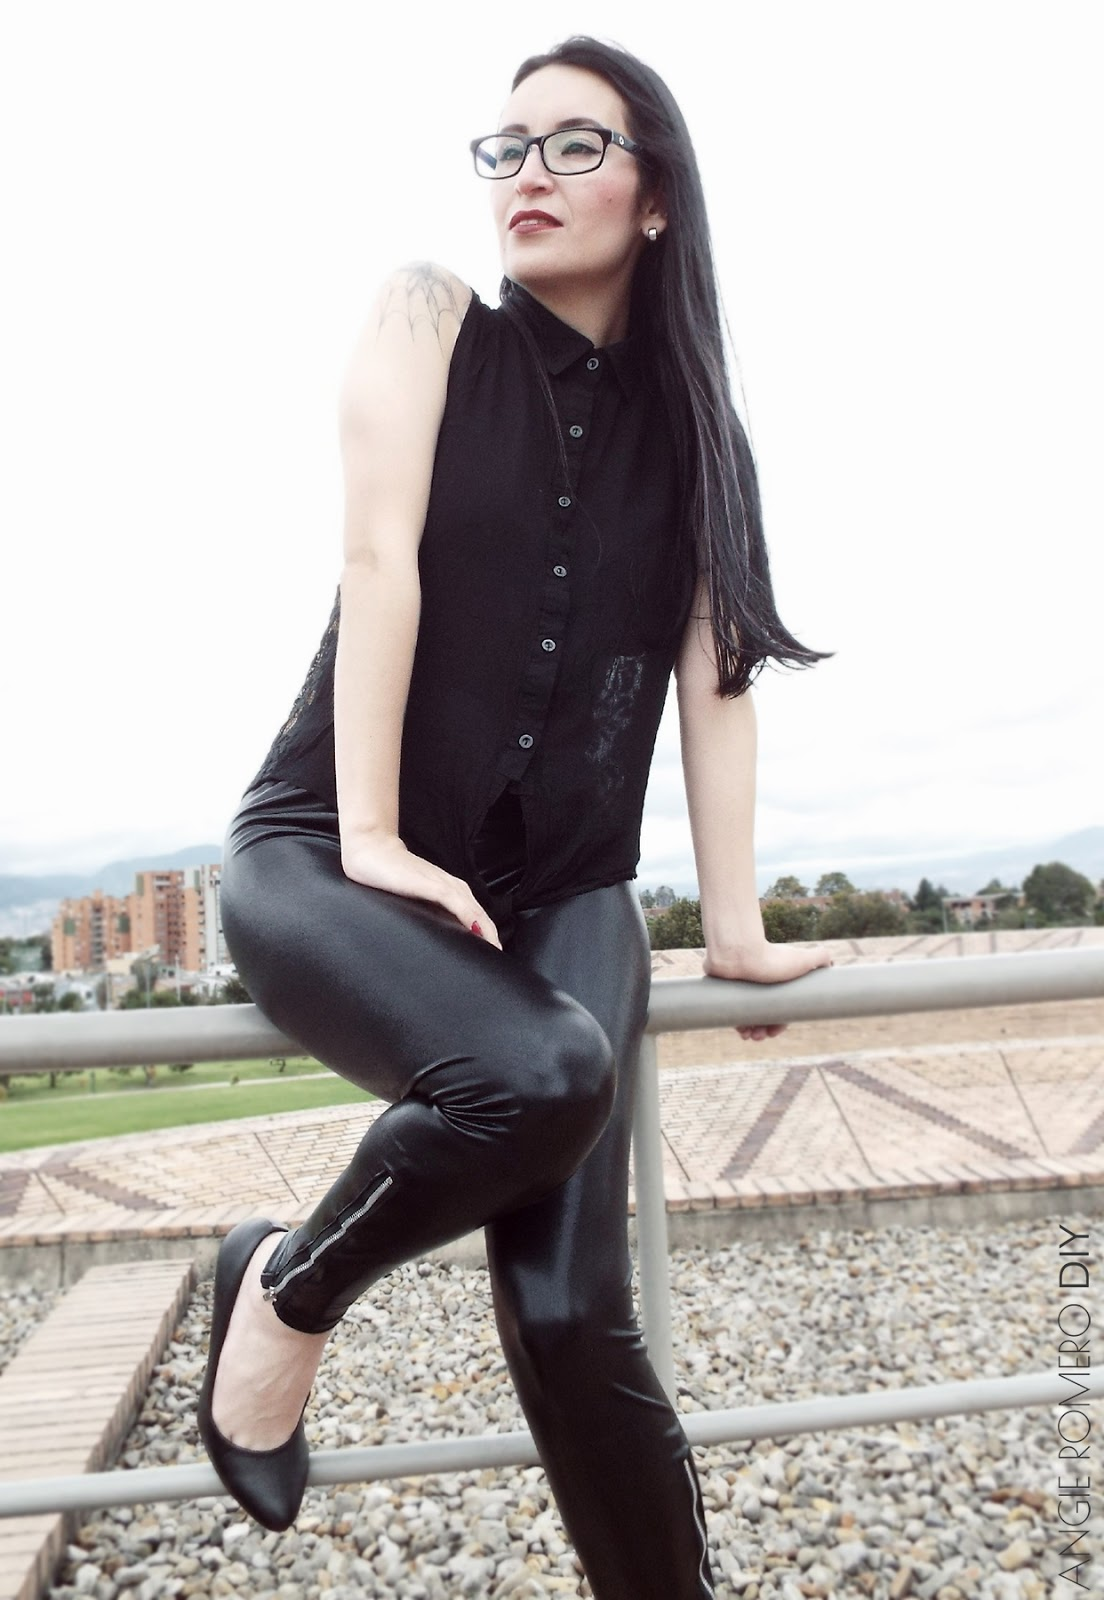 Cómo hacer leggings efecto cuero, piel o polipiel